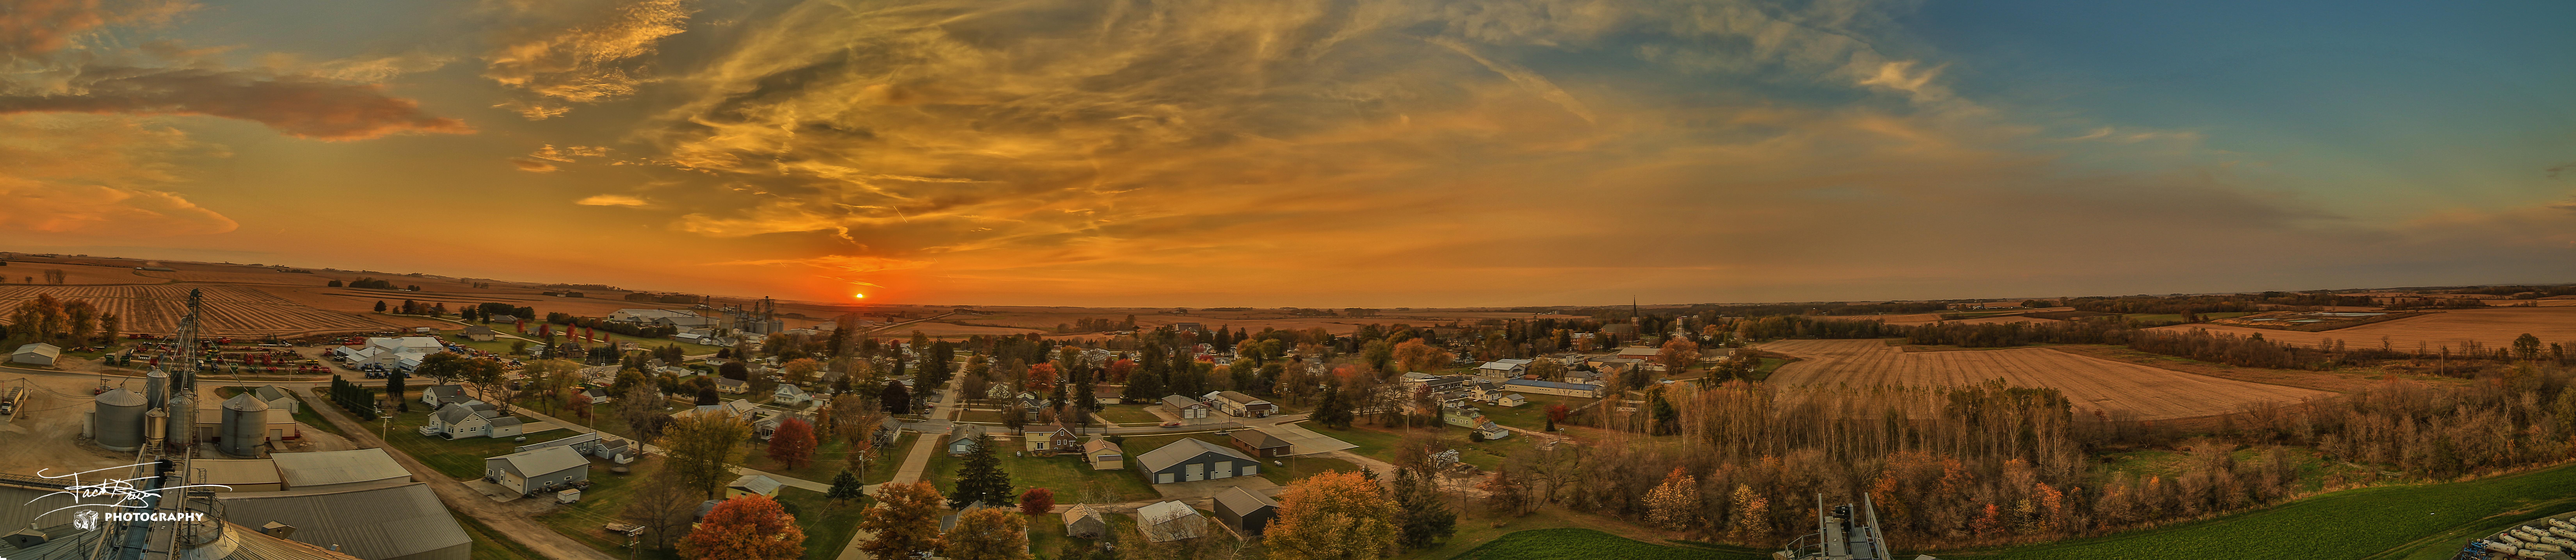 Autumn Sunset over Protivin